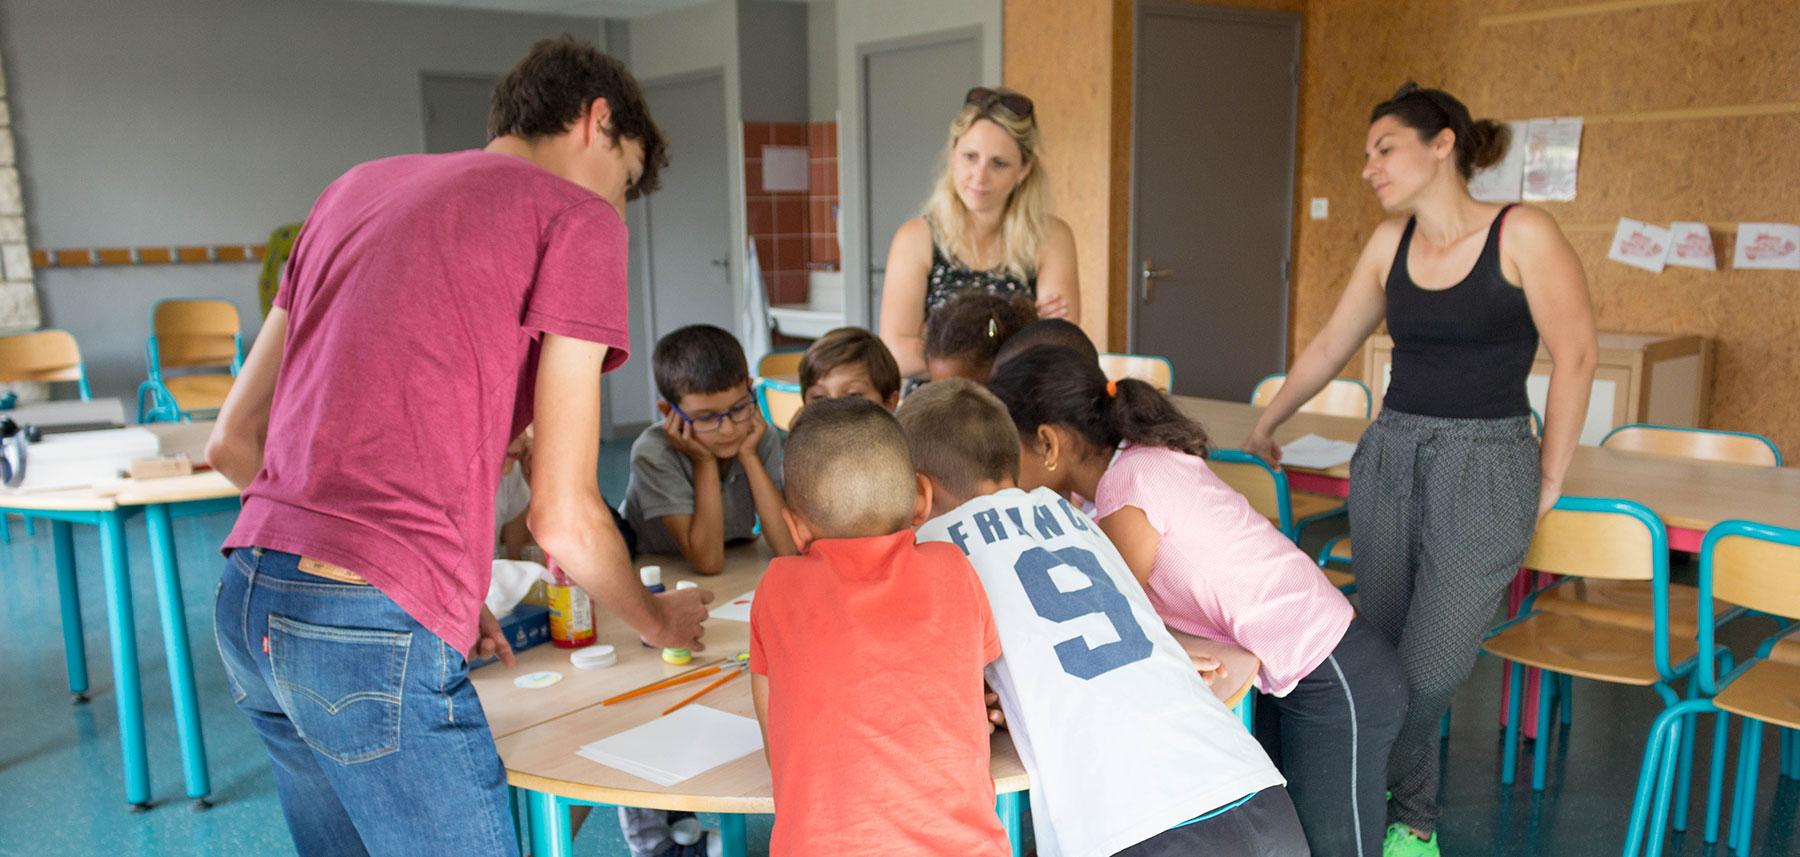 Ateliers groupe élèves observe mélange de couleur